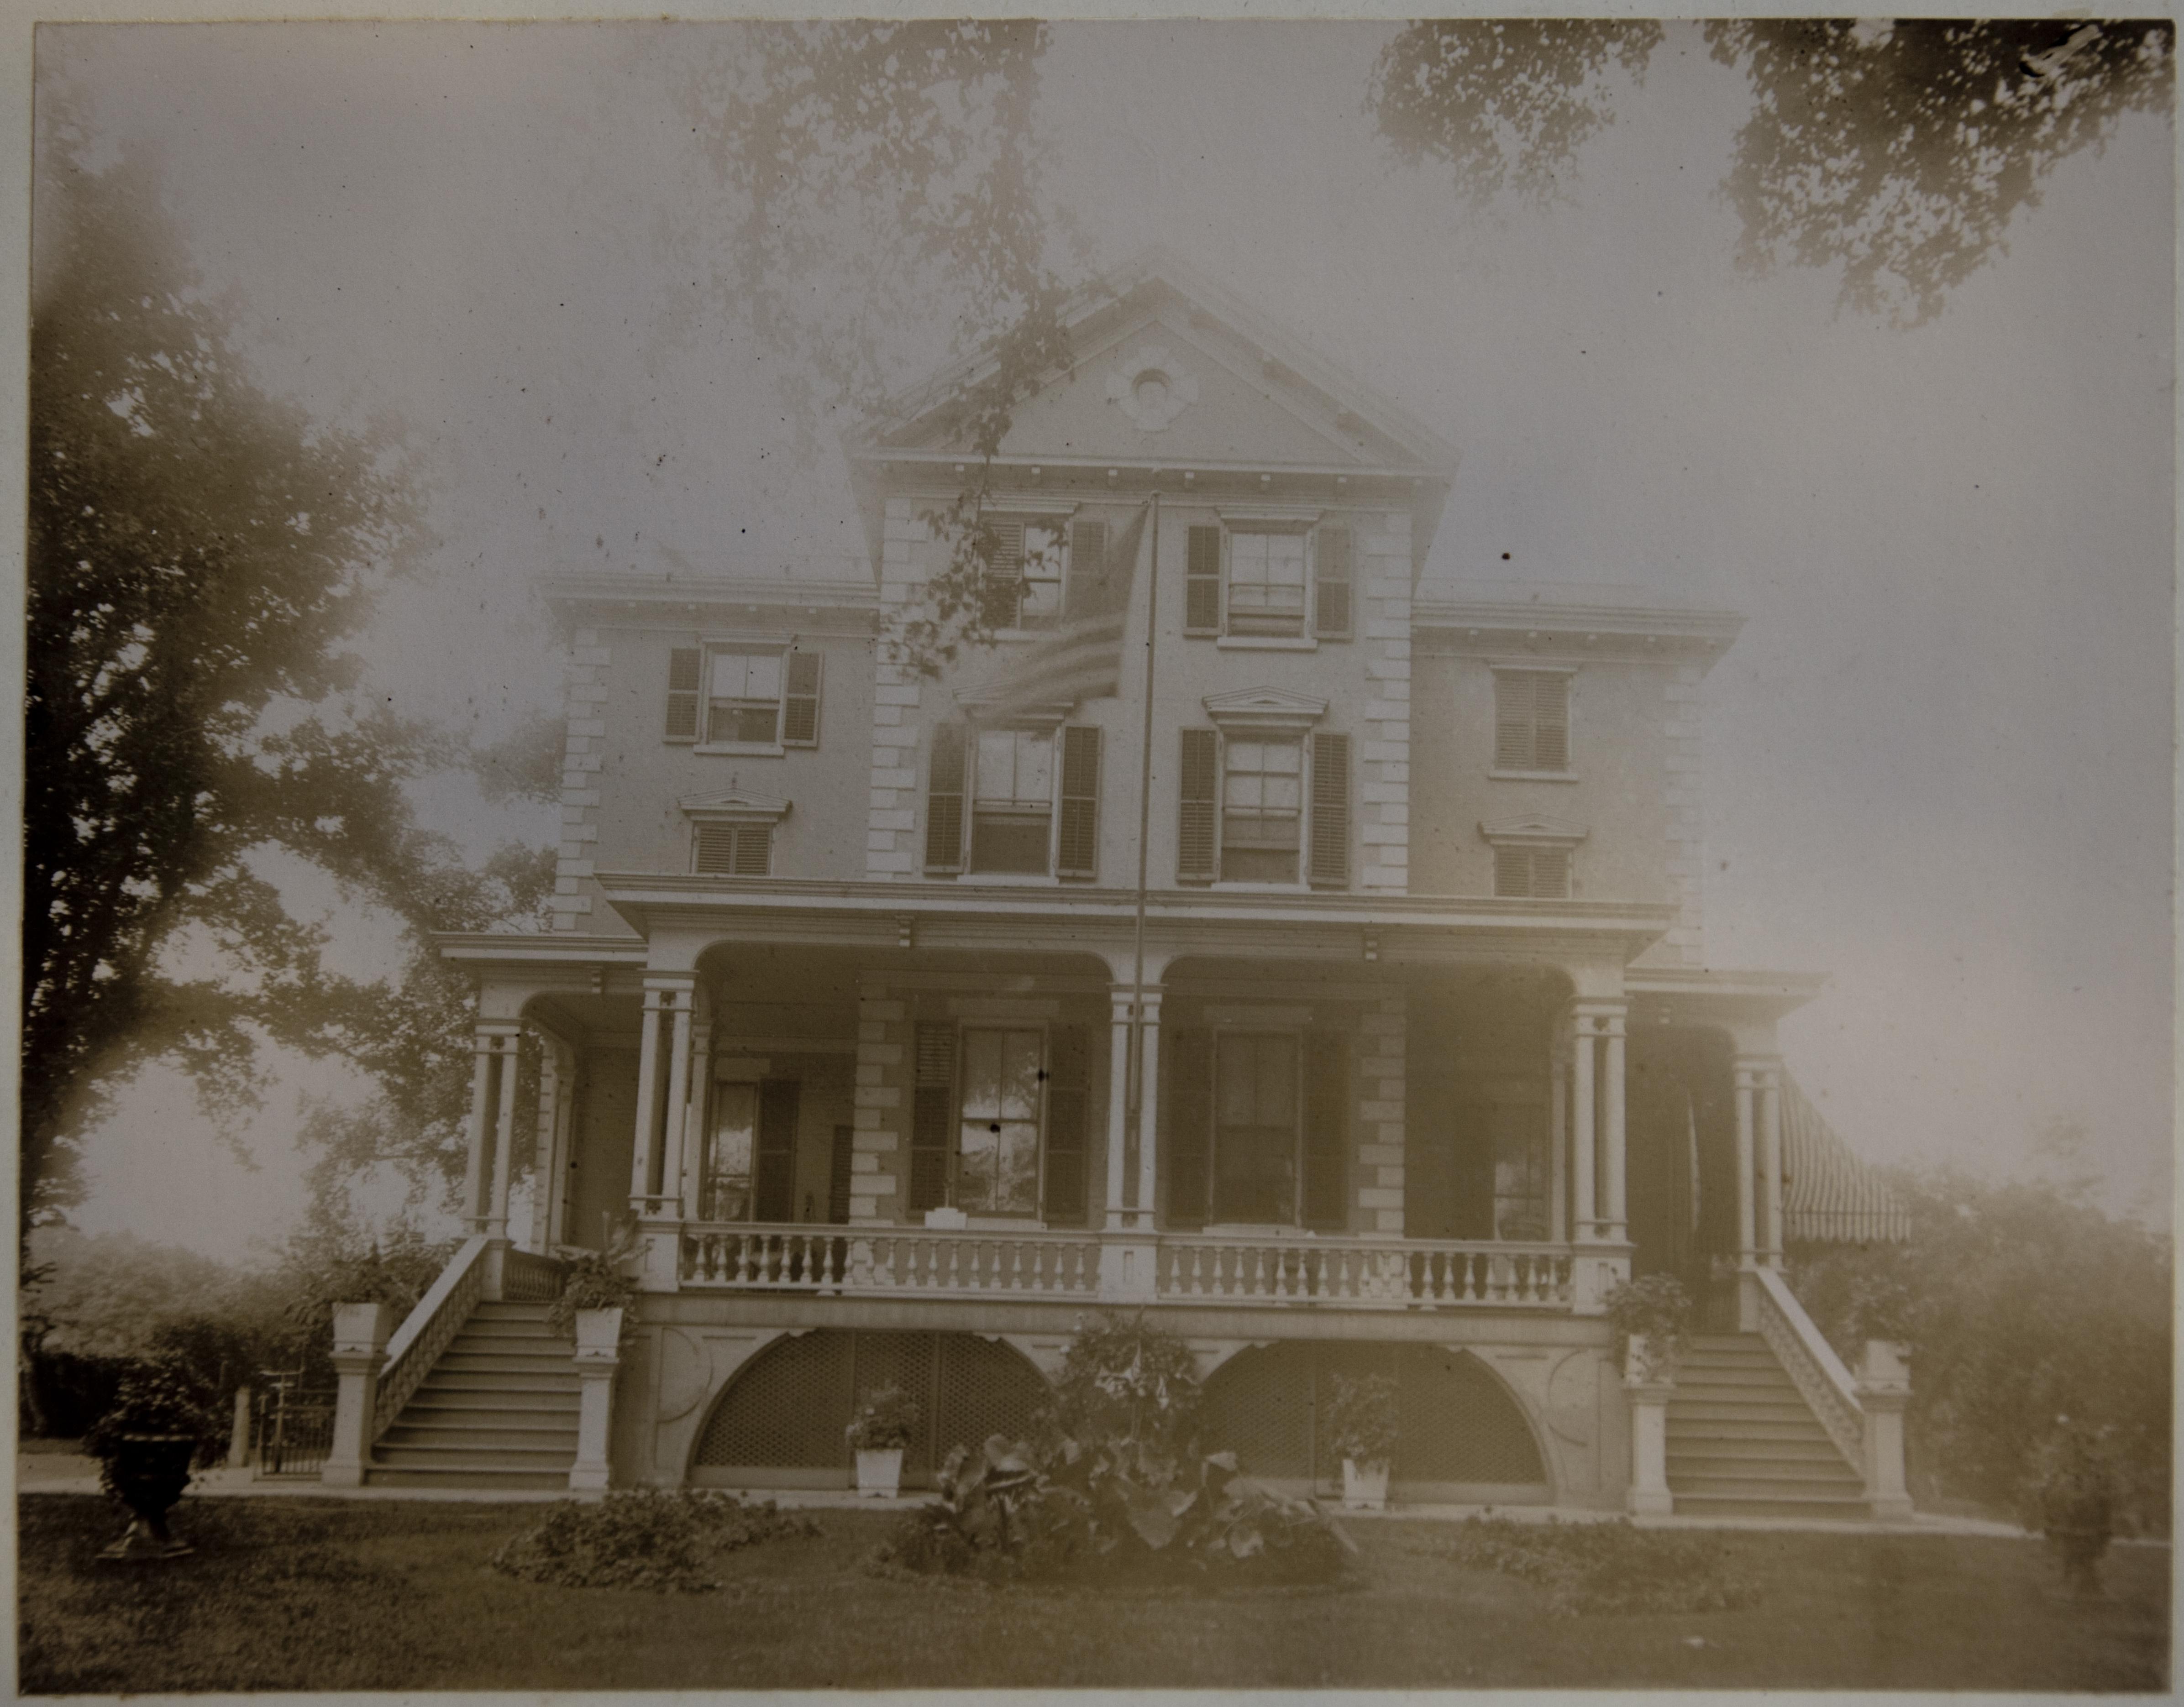 Governor\'s Mansion - Snug Harbor Cultural Center & Botanical Garden